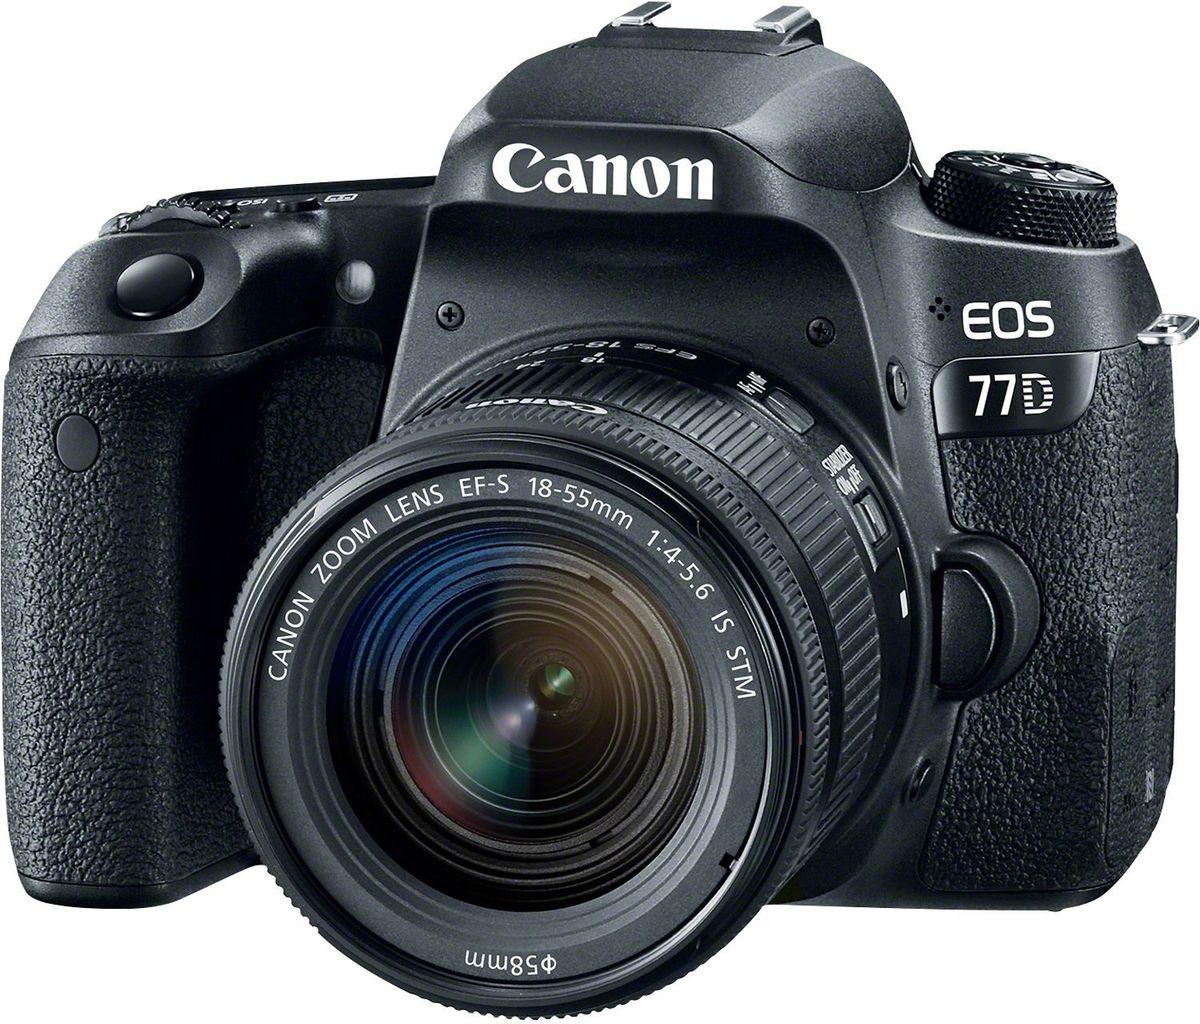 Canon EOS 77D Kit 18-55 IS STM цифровая зеркальная фотокамера1892C017Canon EOS 77D откроет вам новые творческие возможности в создании фотографий. Откройте для себя новые объекты и способы съемки. Современная система автофокусировки настраивает резкость именно там, где это необходимо, как при использовании оптического видоискателя, так и при использовании сенсорного экрана с высоким разрешением. Серийная съемка со скоростью до 6 кадров/сек. позволяет запечатлеть даже мимолетное выражение лица. Датчик изображения APS-C нового поколения позволяет создавать изображения с высокой детализацией даже в ярко освещенных и затененных местах. Самая быстрая в мире система автофокусировки в режиме Live View обеспечивает резкость изображений даже при съемке быстро движущихся объектов. Снимайте видео Full HD с кинематографическими эффектами малой глубины резкости и динамической передачей движения с частотой до 60 кадров/сек. Автофокусировка Dual Pixel CMOS AF сохраняет четкость объектов при изменении вашего положения, а встроенная...